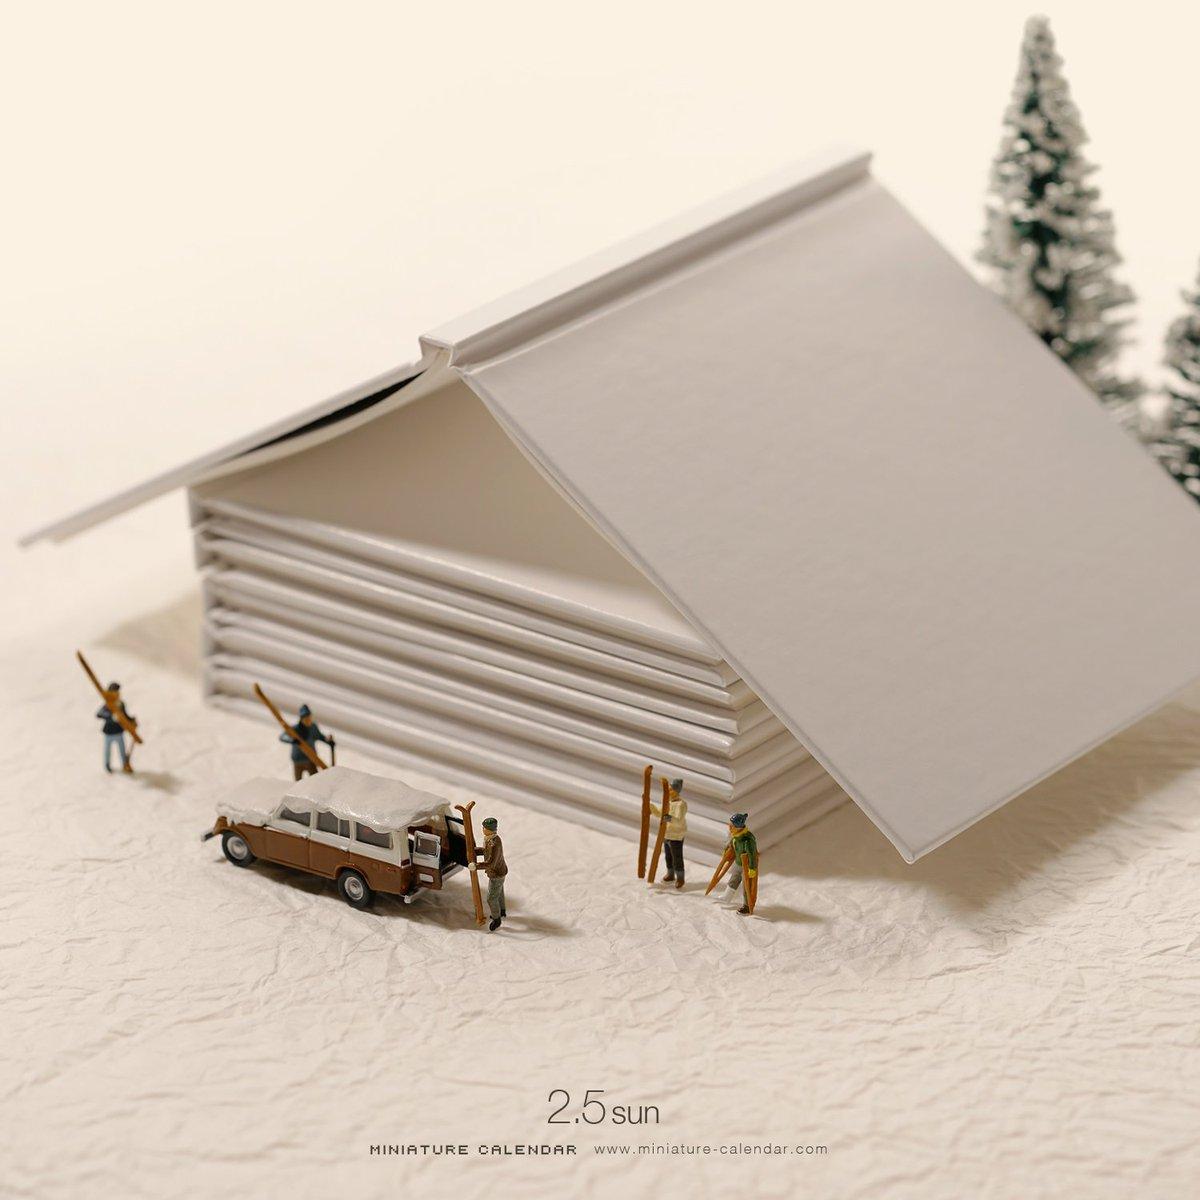 Twoucan 積雪 の注目ツイートイラストマンガコスプレモデル